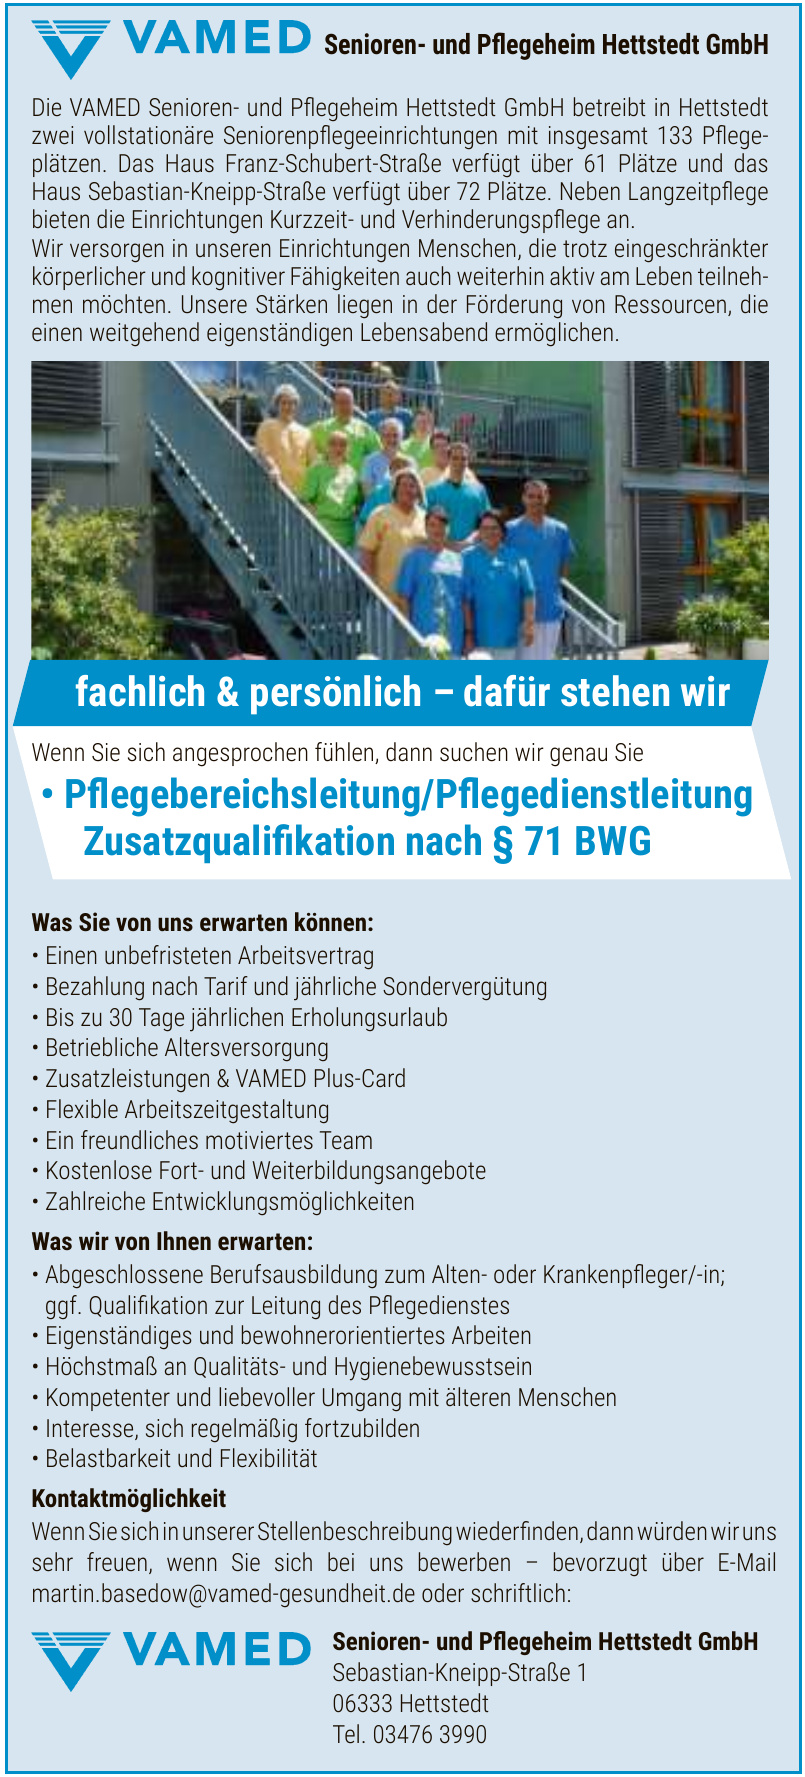 VAMED Senioren- und Pflegeheim Hettstedt GmbH